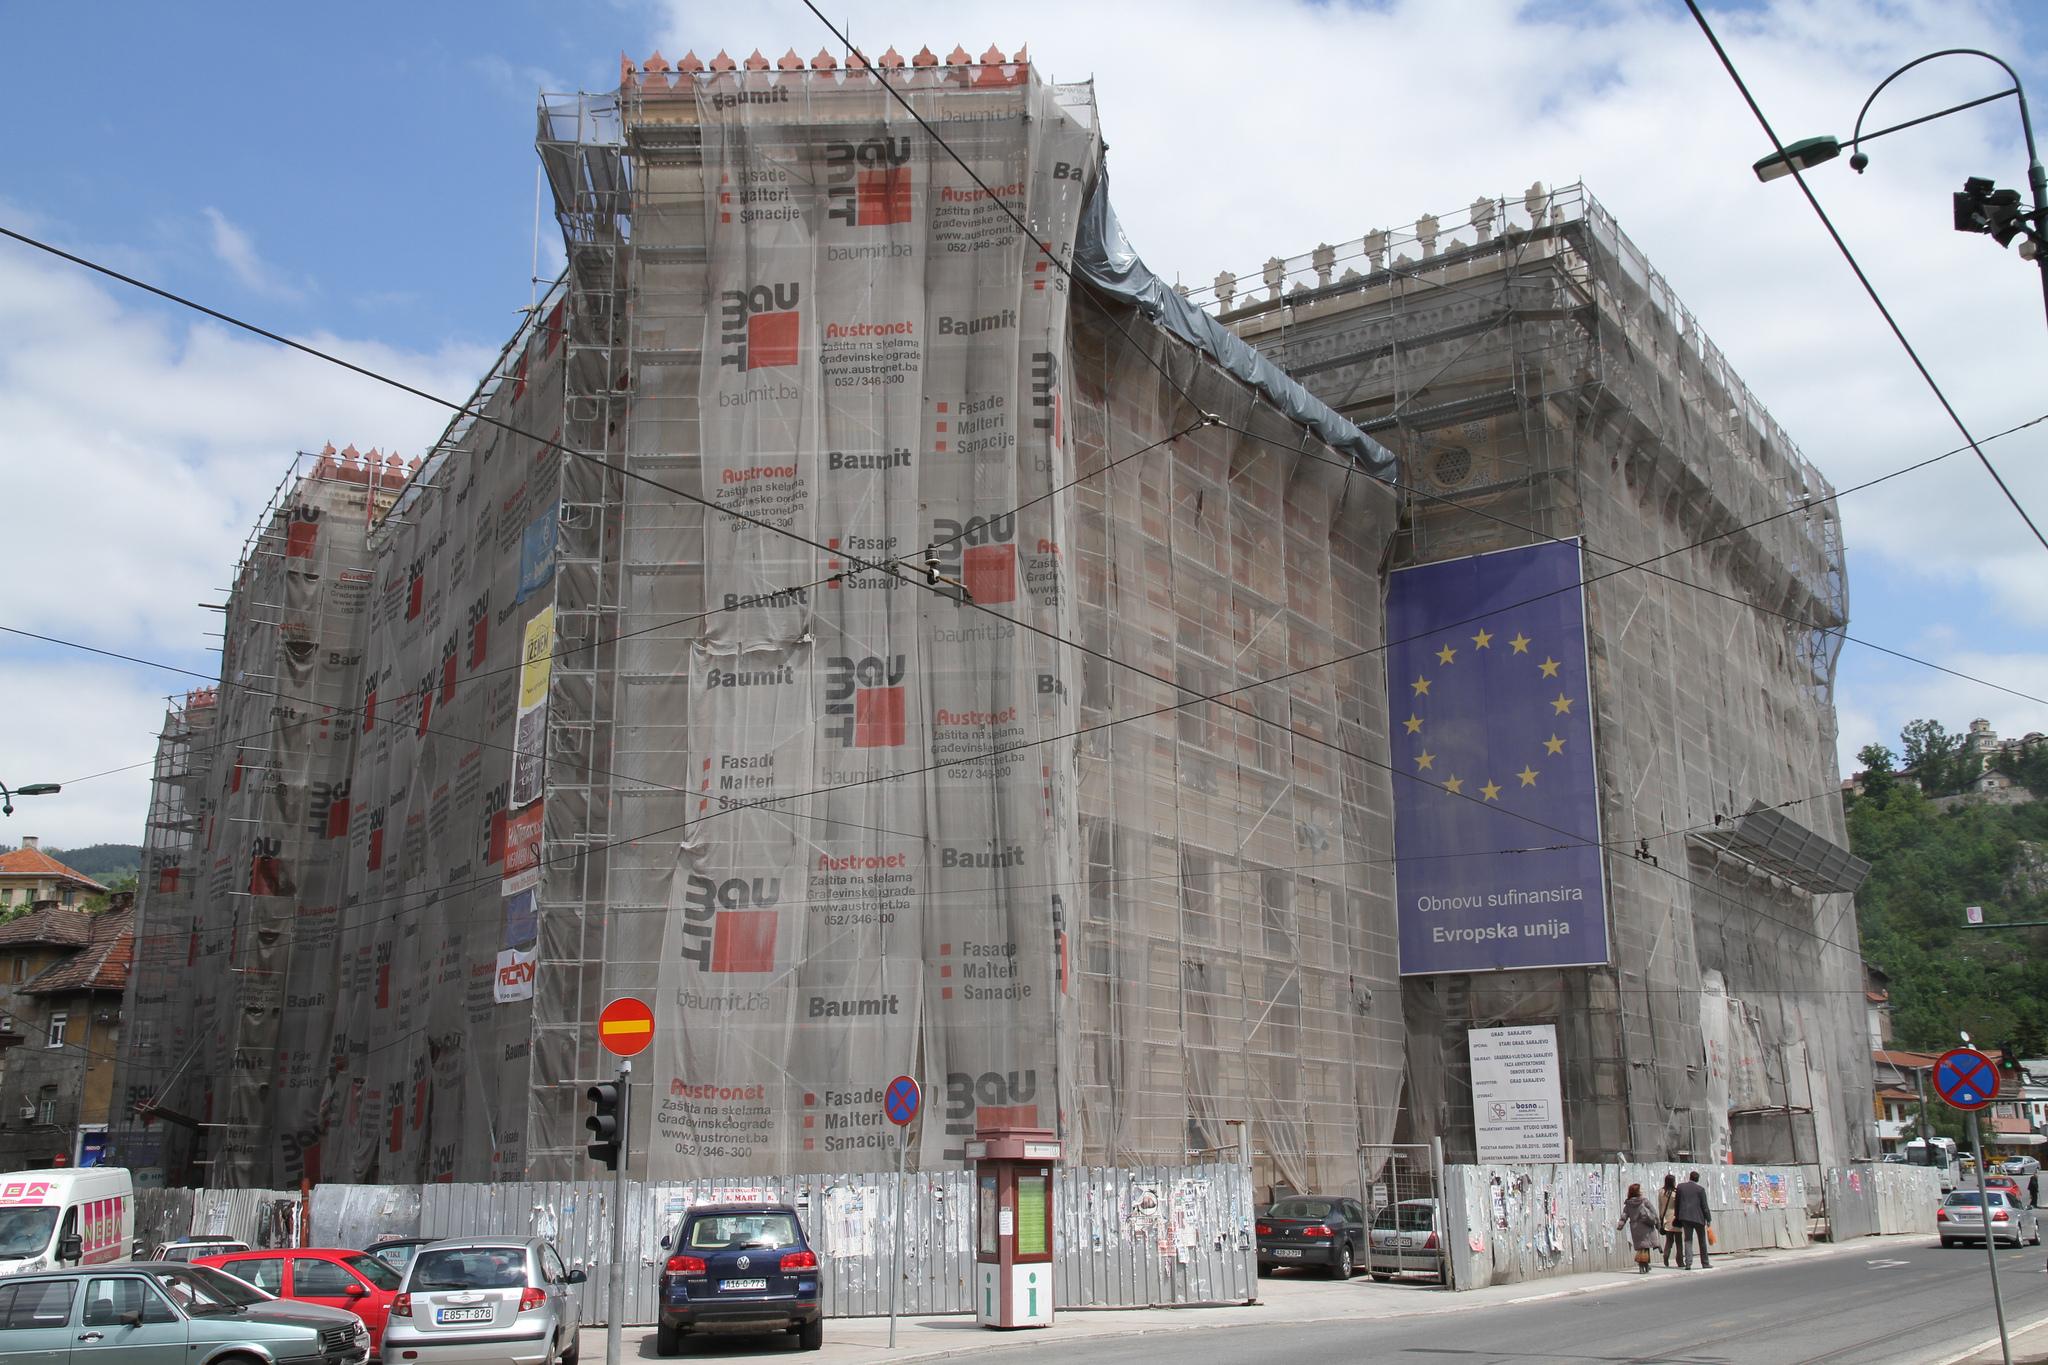 Bosnien und Herzegowina haben als einzige Teile des Westbalkans noch nicht den Status eines EU-Beitrittskandidaten.